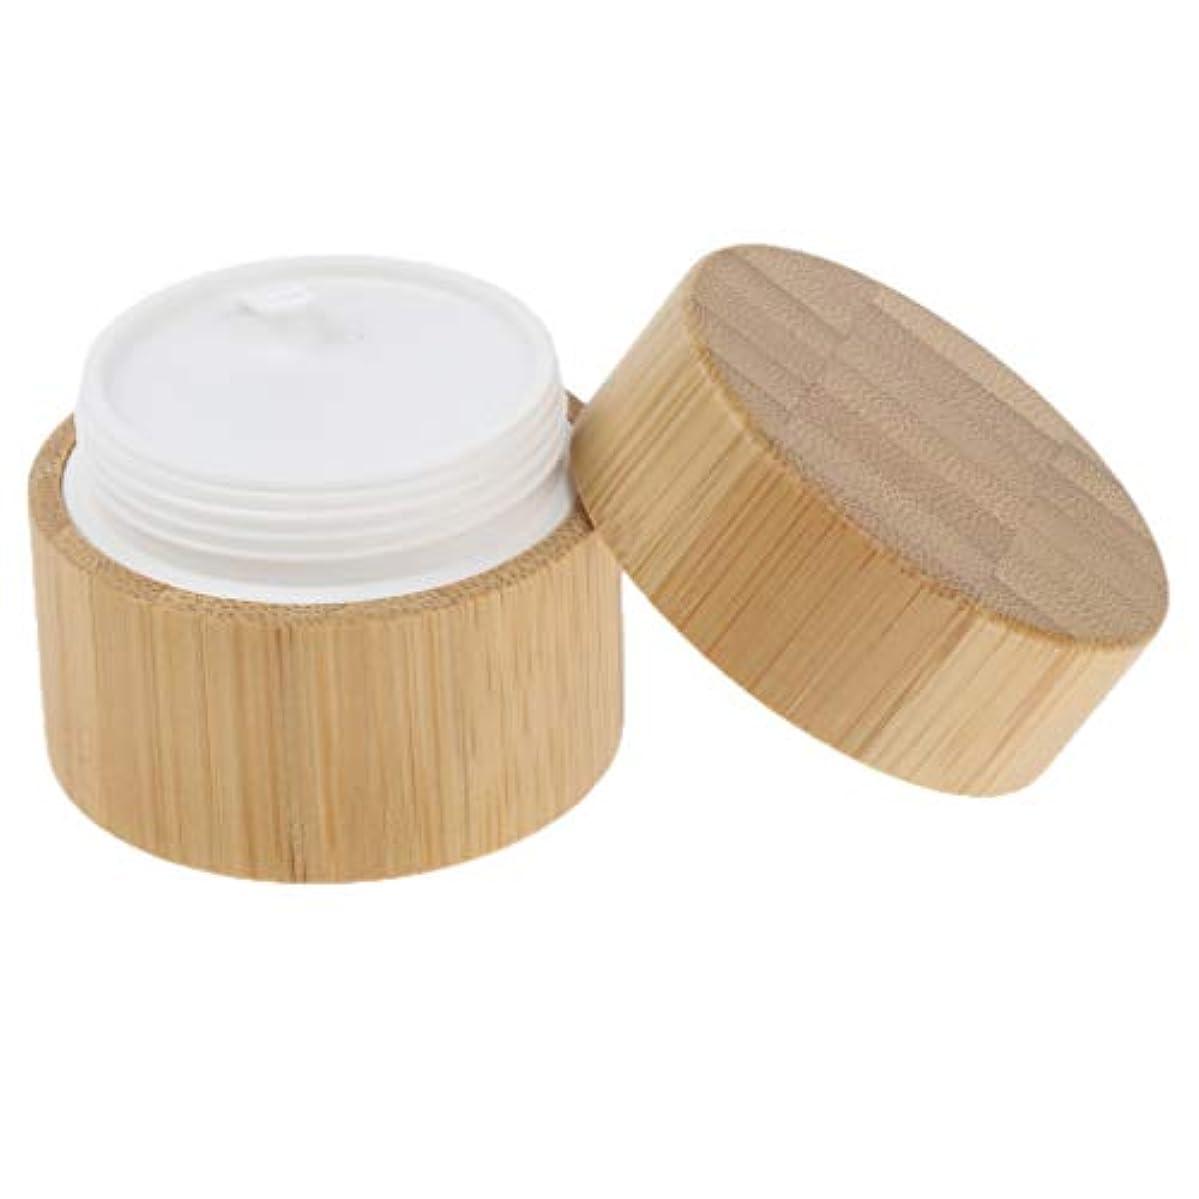 代表団ひもグリルFLAMEER ナチュラル 竹木 ラウンド クリームコンテナ リップバーム コスメ 化粧品容器 2サイズ選べ  - 30g